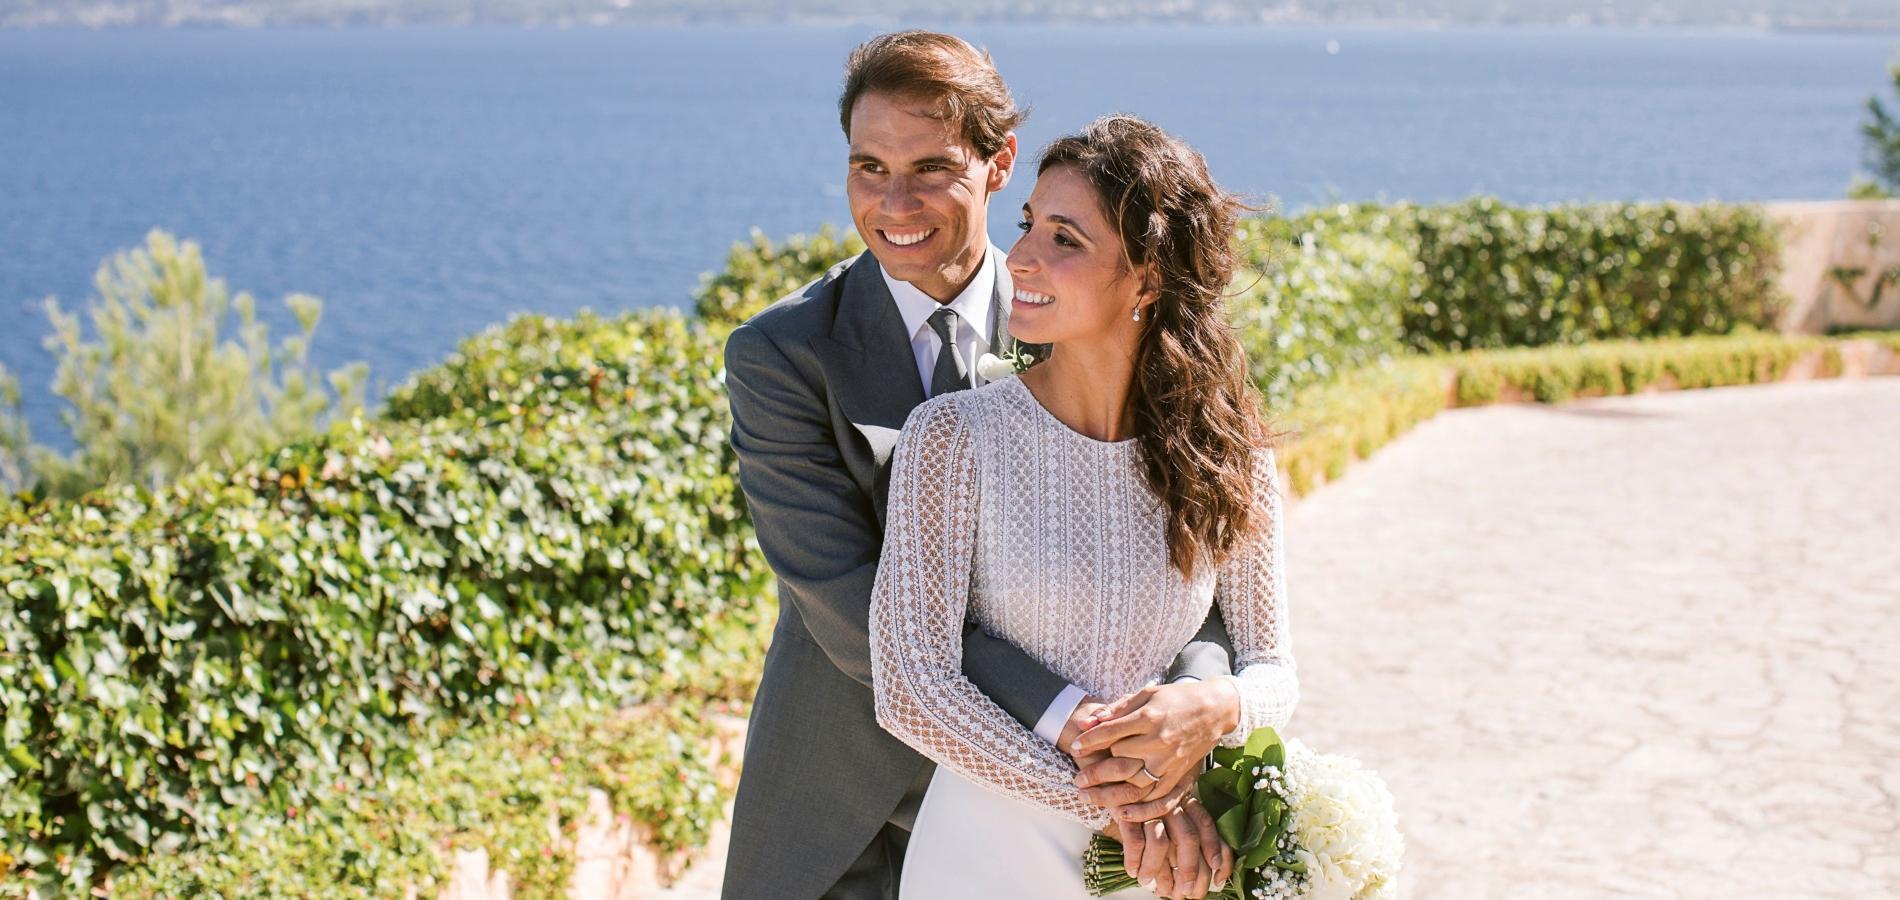 Les premières photos du mariage de Rafael Nadal et Mery